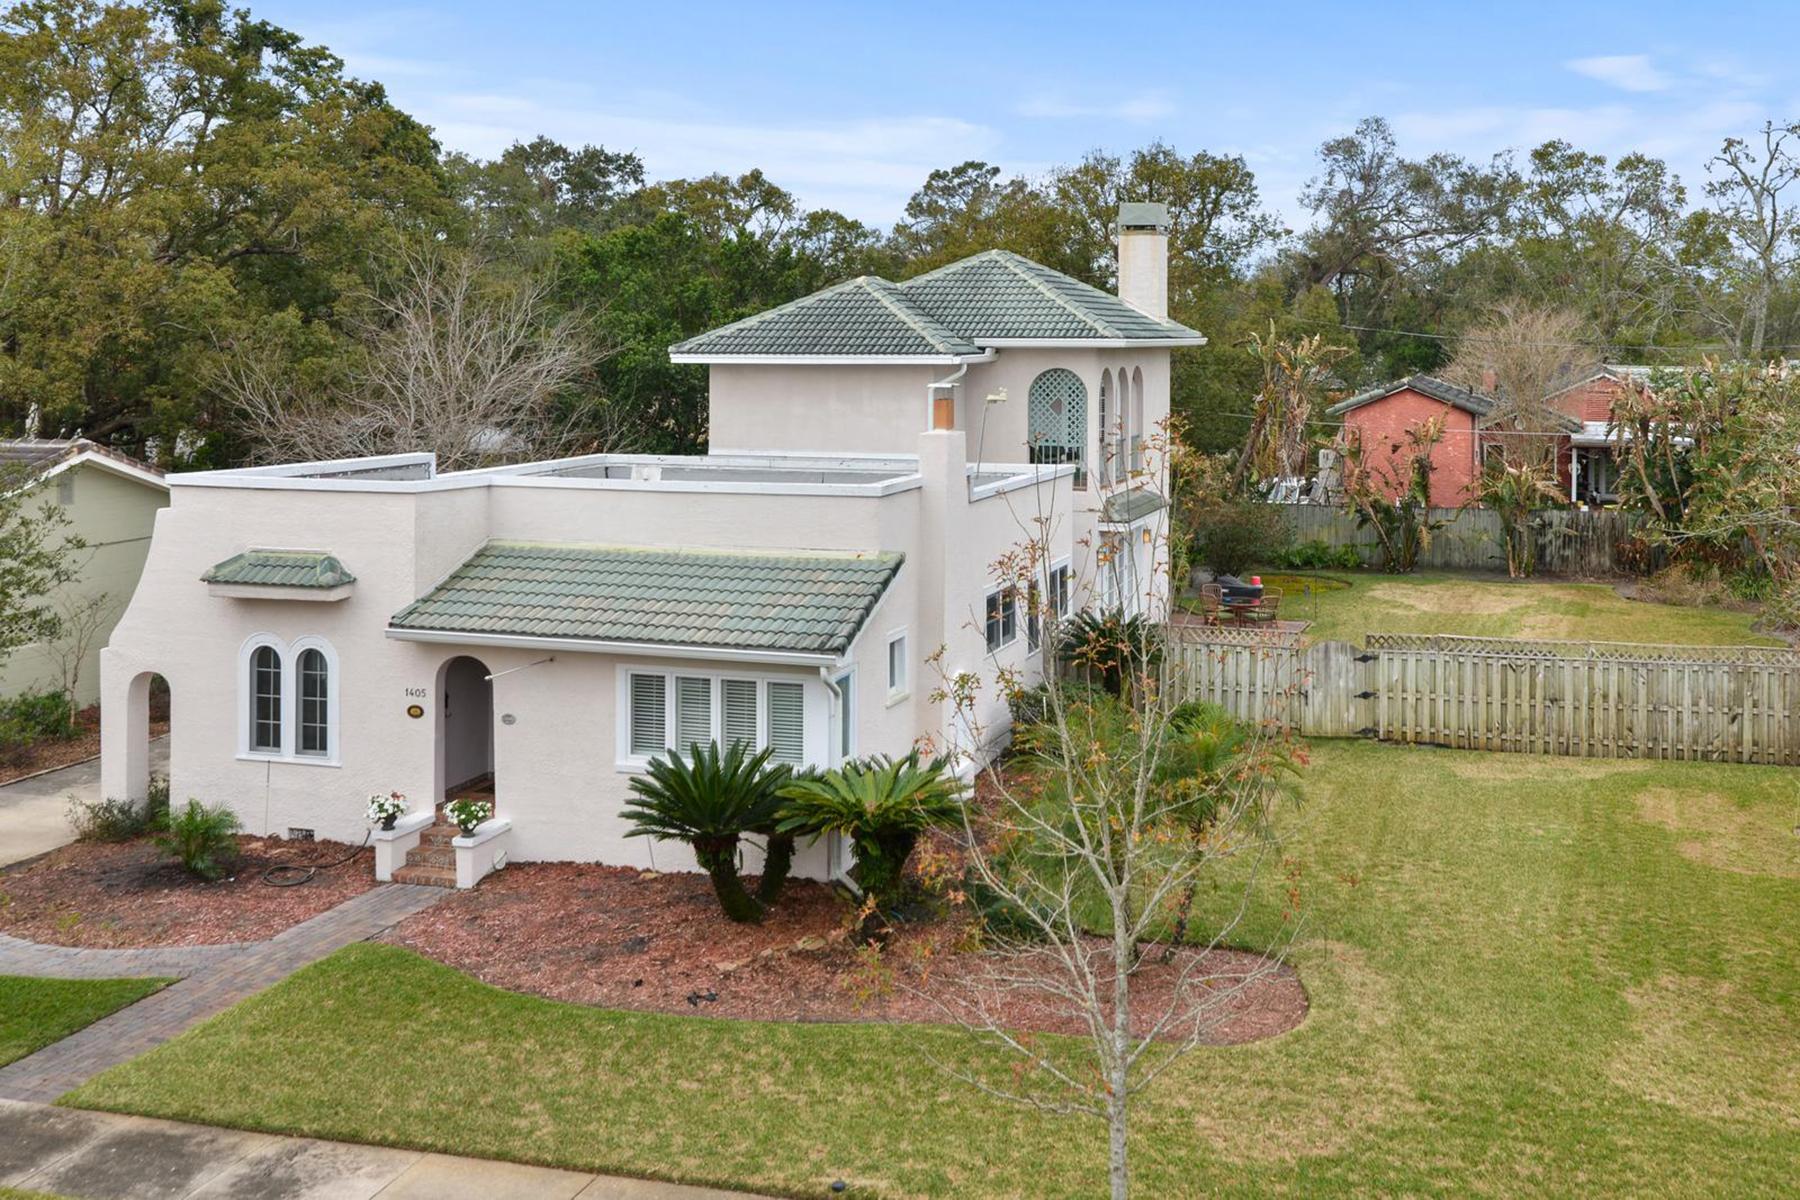 Частный односемейный дом для того Продажа на 1405 Pelham Rd , Winter Park, FL 32789 1405 Pelham Rd, Winter Park, Флорида, 32789 Соединенные Штаты